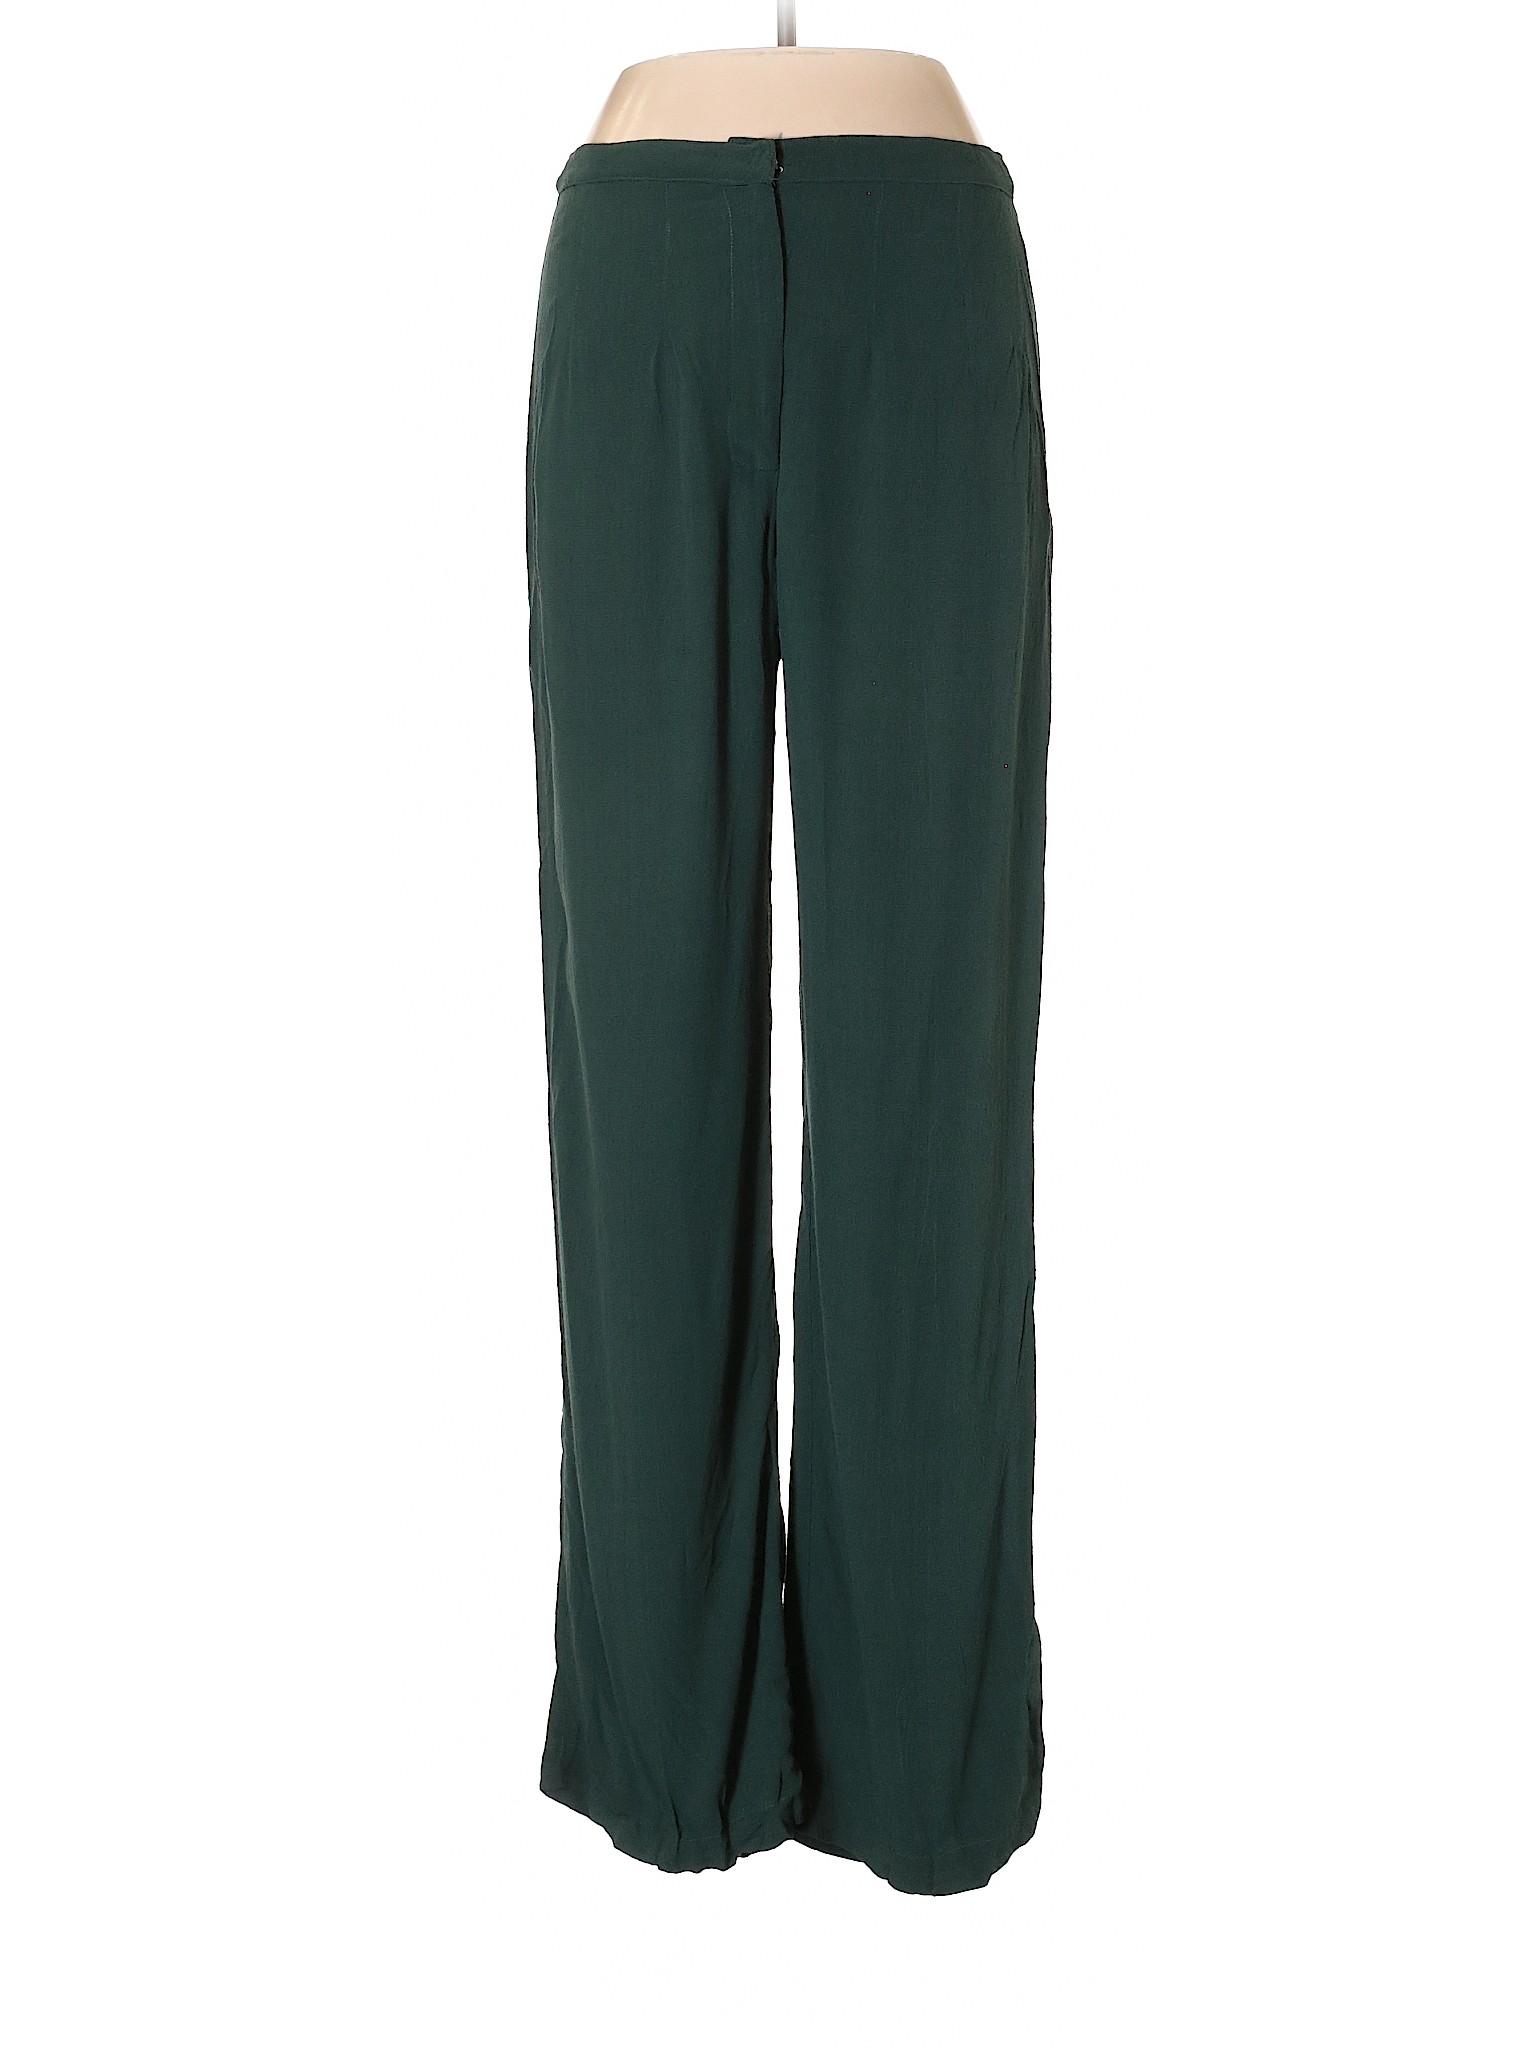 niche Pants winter NILGUN DERMAN Boutique Casual C5Xqz